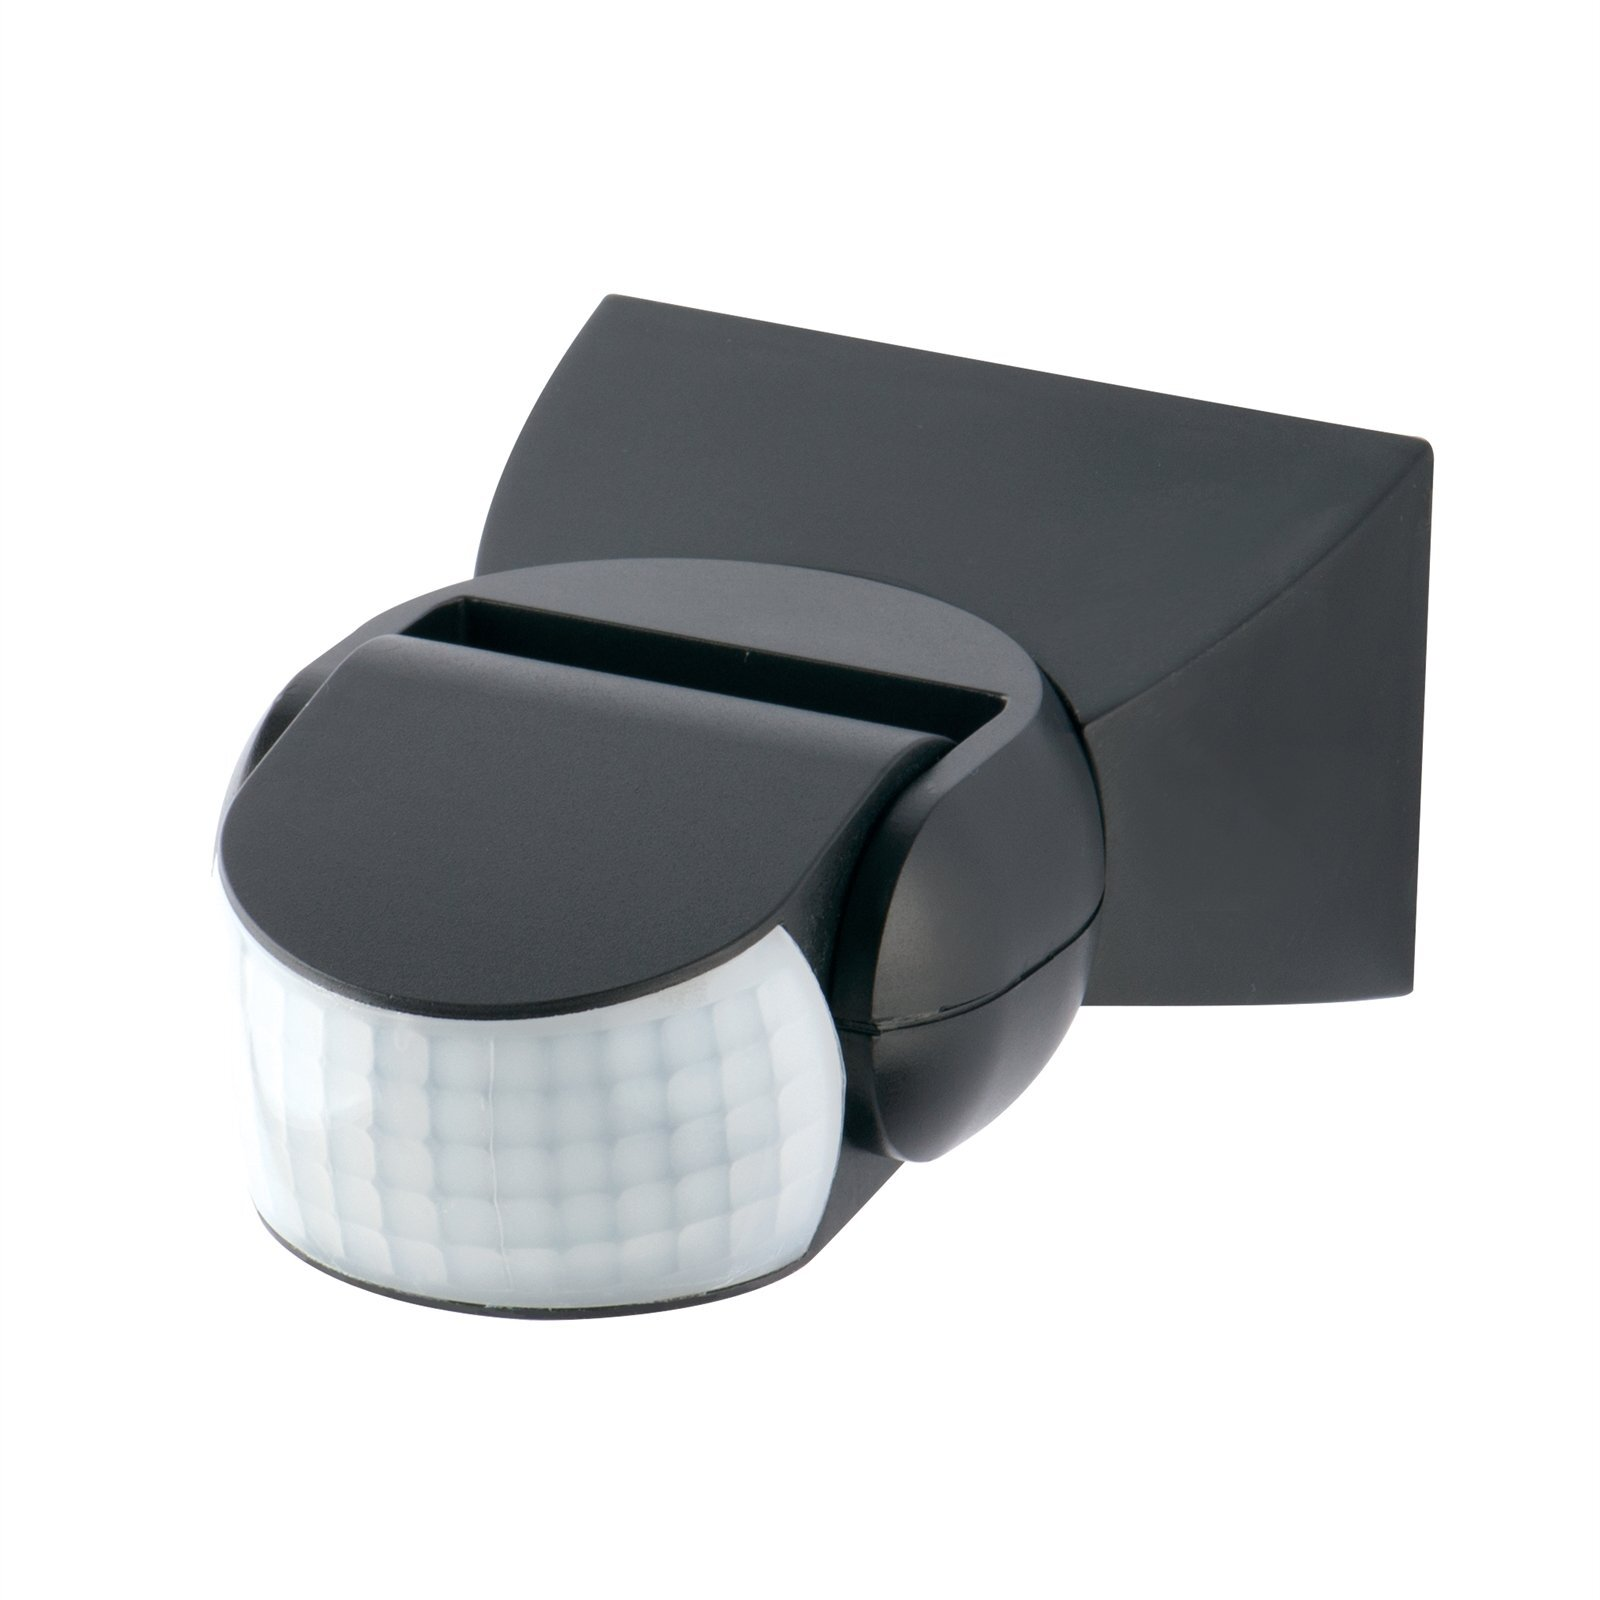 DETA Black PIR Security Sensor